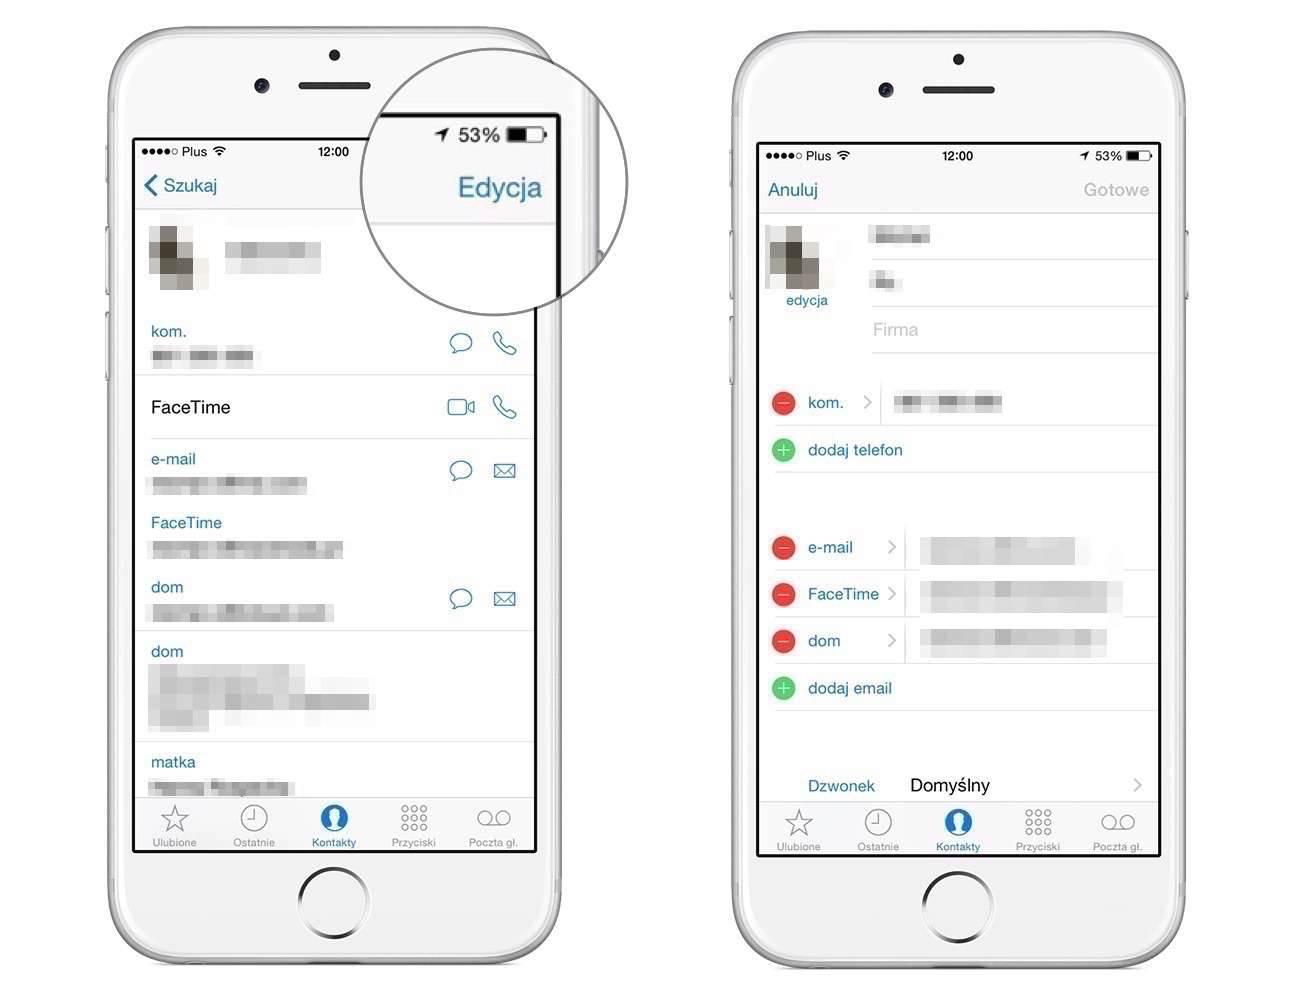 iOS dla początkujących #5 - zarządzanie i dodawanie kontaktów poradniki, polecane zarządzanie i dodawanie kontaktów, Poradnik, jak importować z SIM w iPhone, jak edytować kontakt w IPhone, jak dodać kontakt w iPhone, iPhone, iPad, iOS dla początkujących, iOS, import kontaktów z SIM iPhone, edycja kontaktu w iPhone, edycja kontaktów, dodatnie kontaktu w iPhone, Apple  Urządzenia mobilne Apple pozwalają na przechowywanie danych kontaktowych do znajomych i rodziny. Dzięki, nim szybciej wykonamy połączenie wychodzące, wyślemy smsa, czy e-maila.  Klaw61